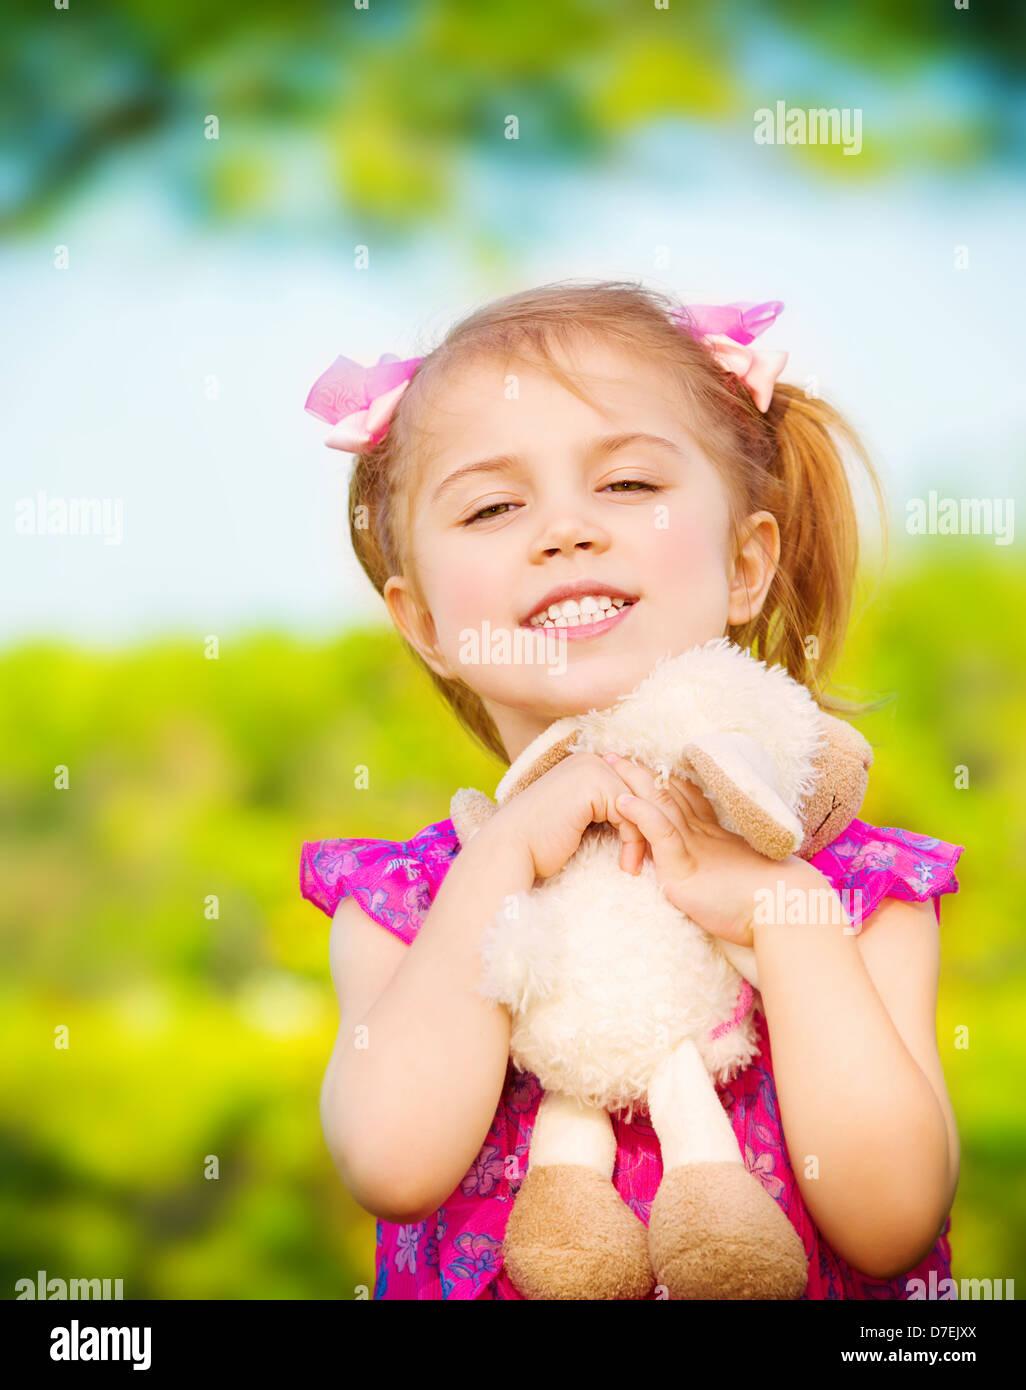 Ragazza piccola dolce abbraccio giocattolo morbido all'aperto in primavera, giocando sul cortile, day care, Immagini Stock